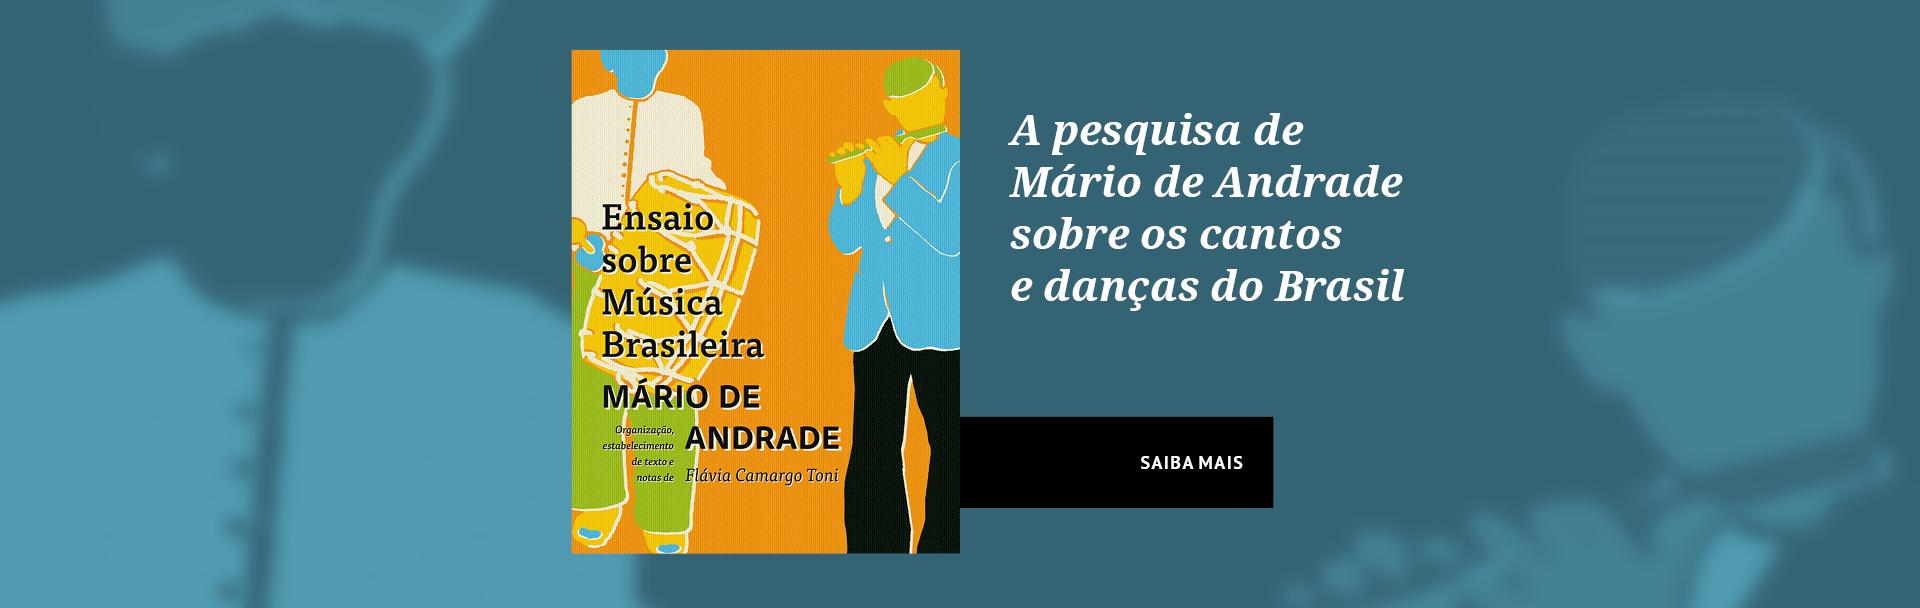 A pesquisa de Mário de Andrade sobre os cantos e danças do Brasil